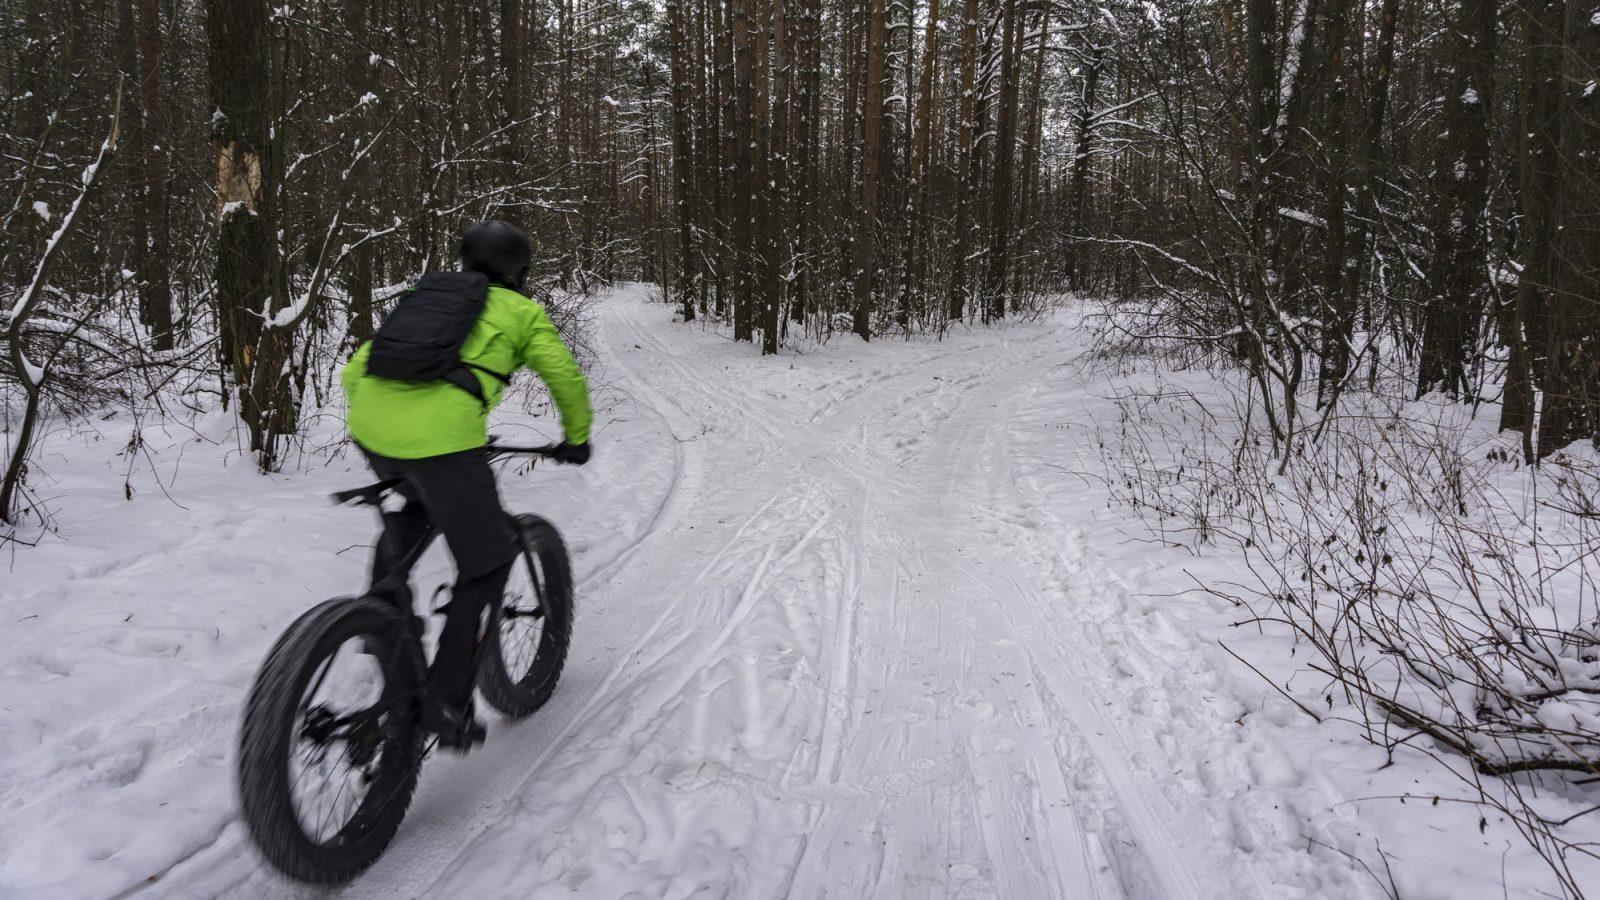 Comment profiter de l'hiver sur deux roues ?